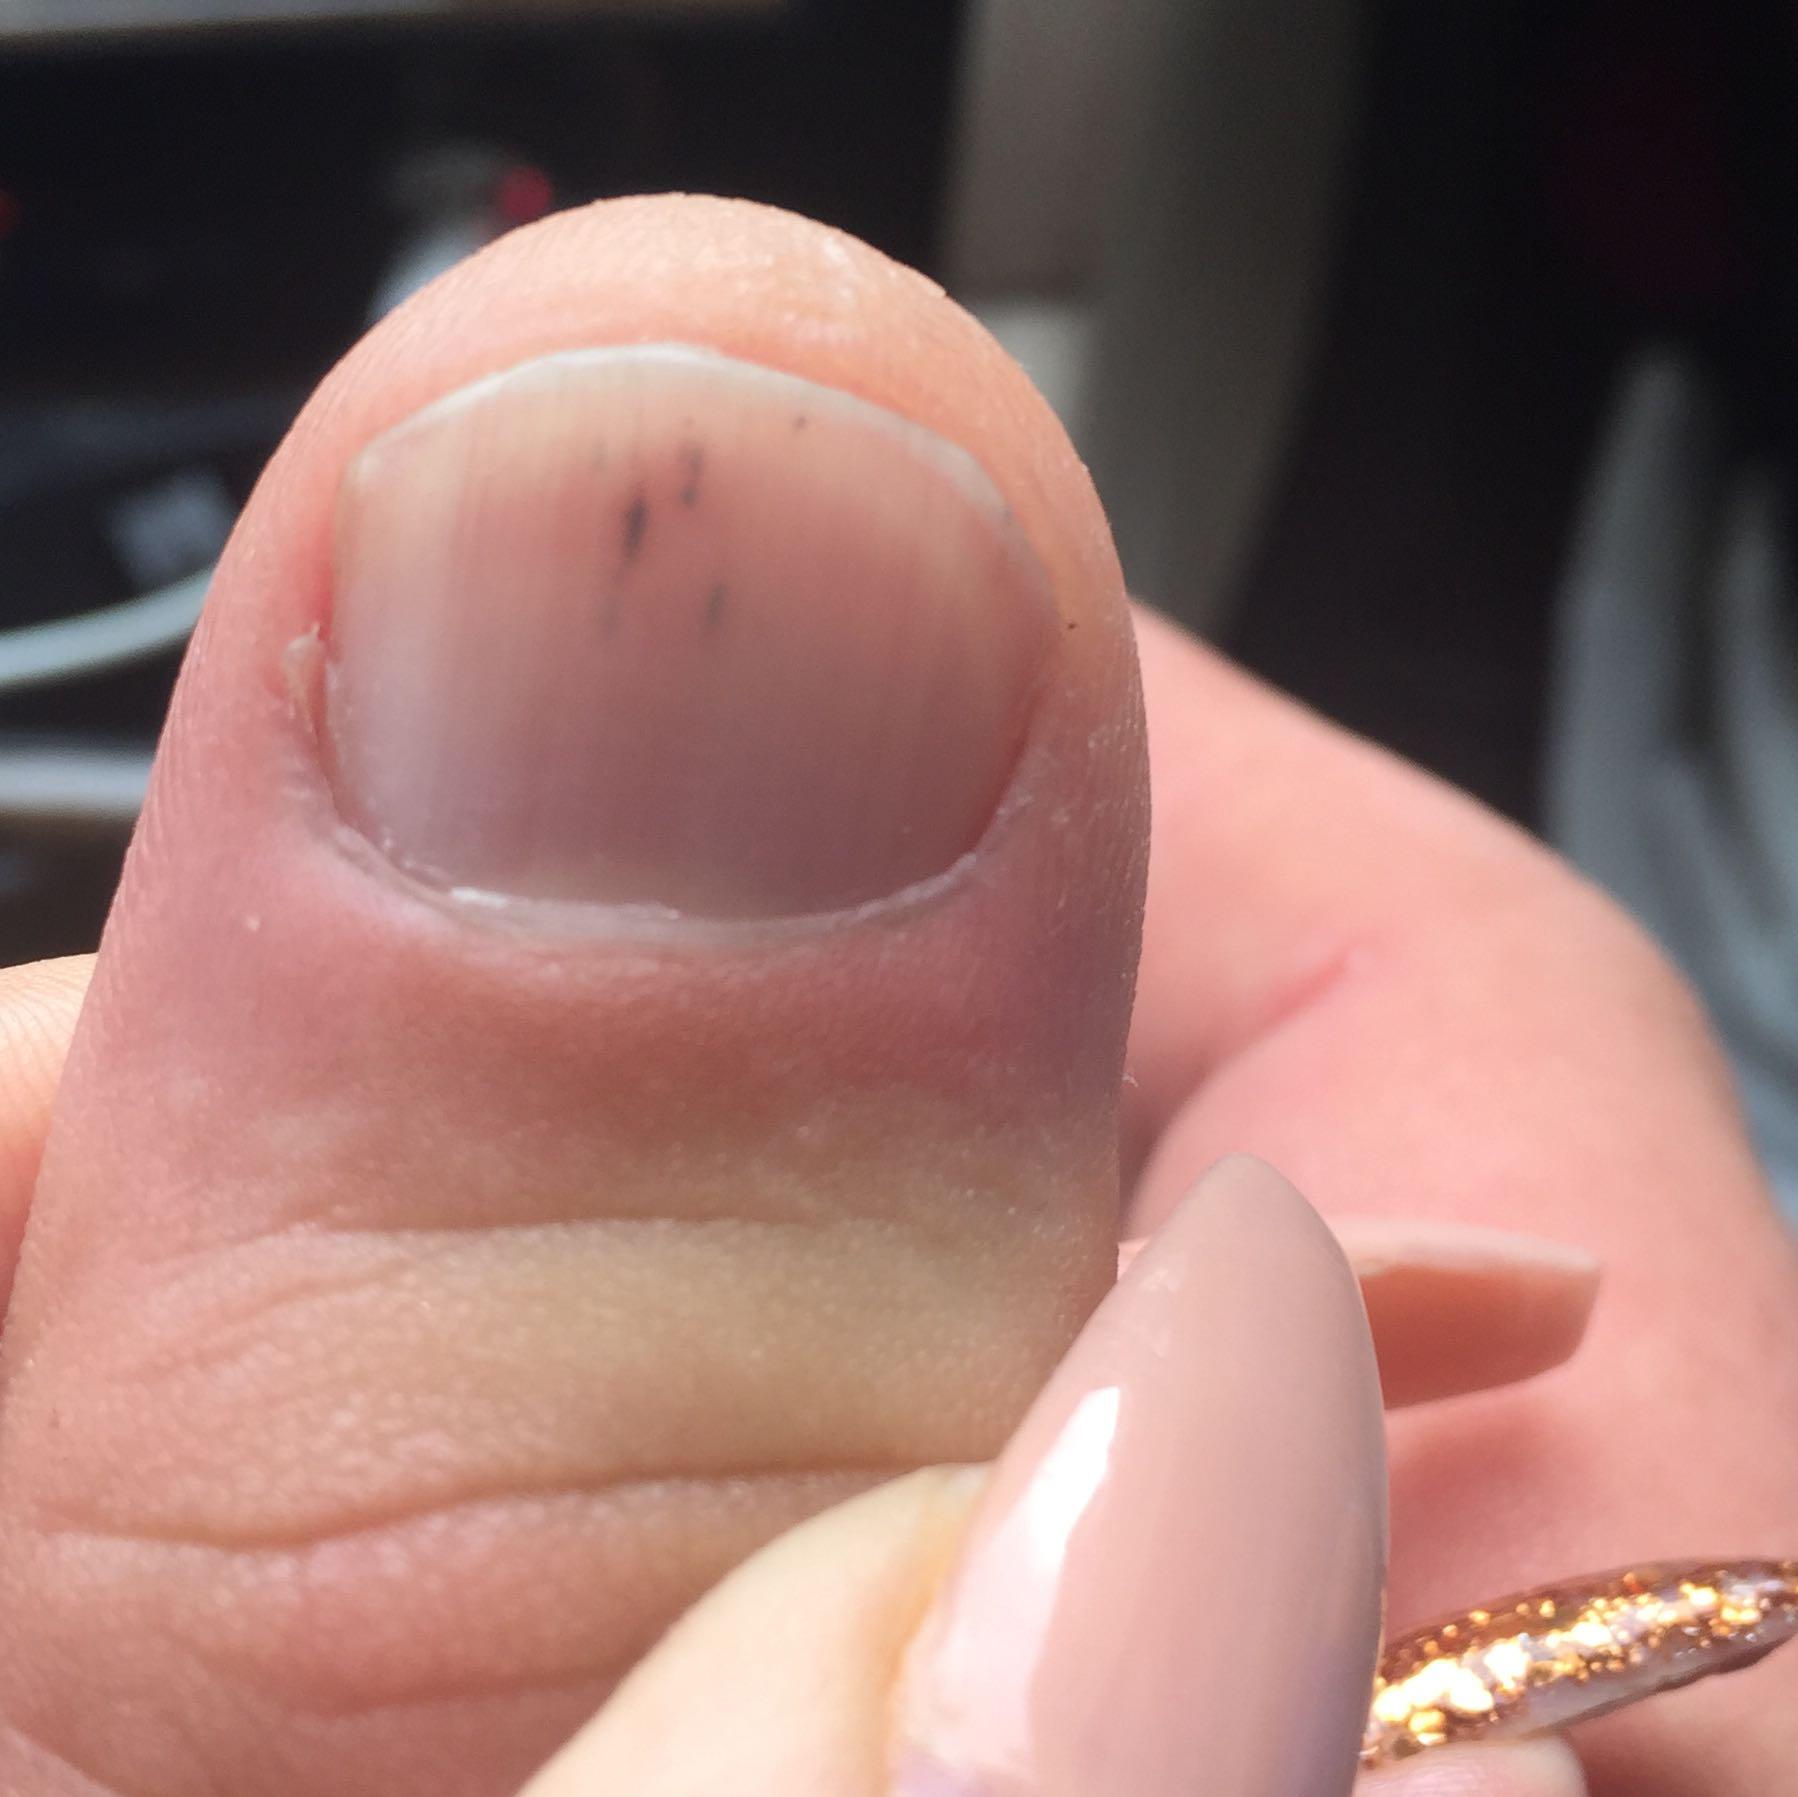 Die Salbe von gribka auf der Haut des Beines